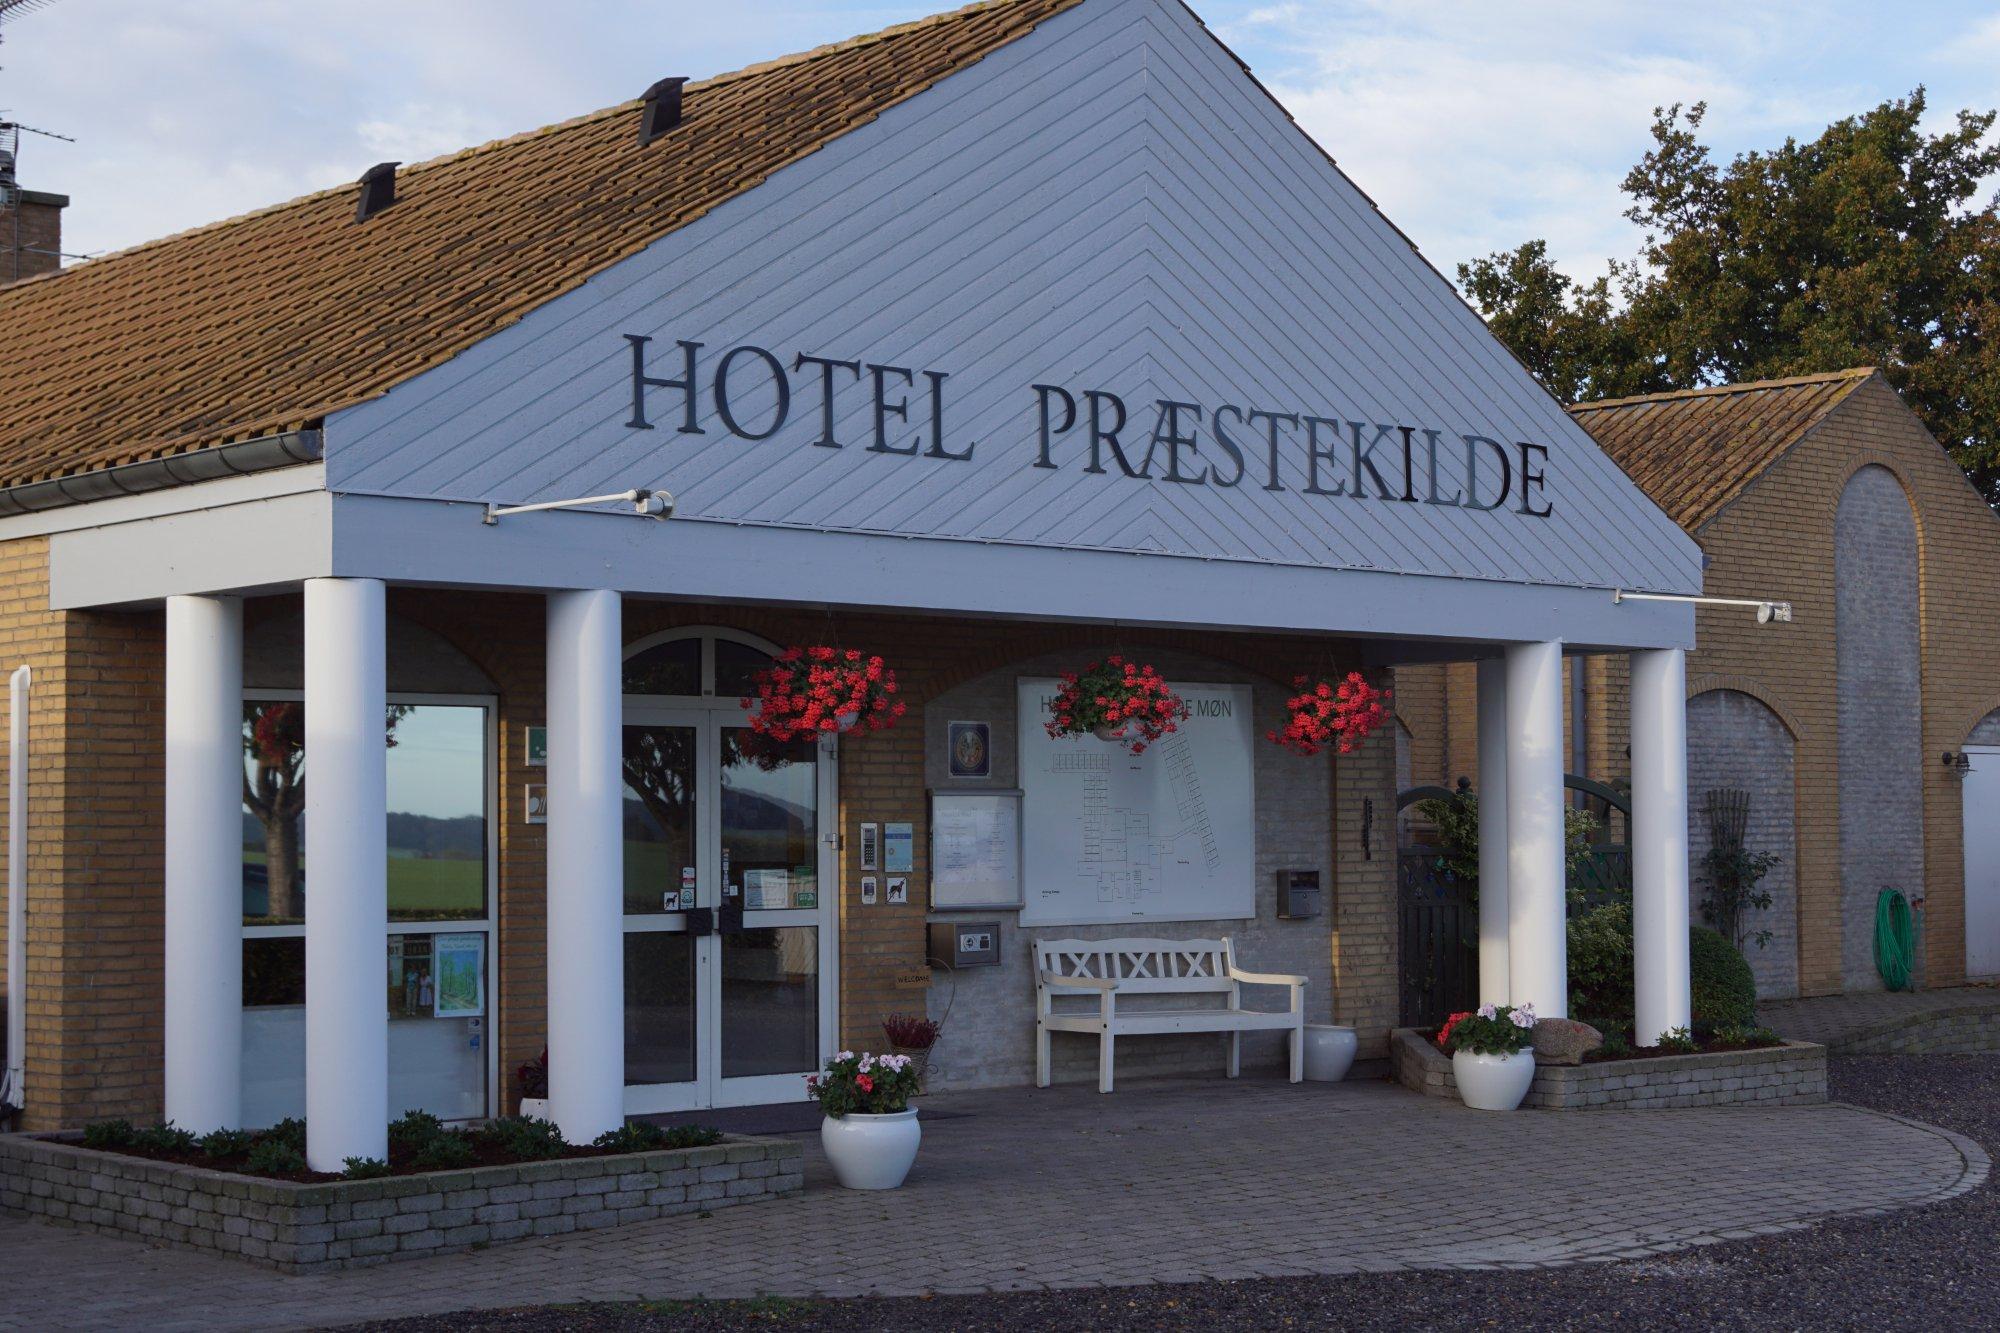 Hotel Praestekilde